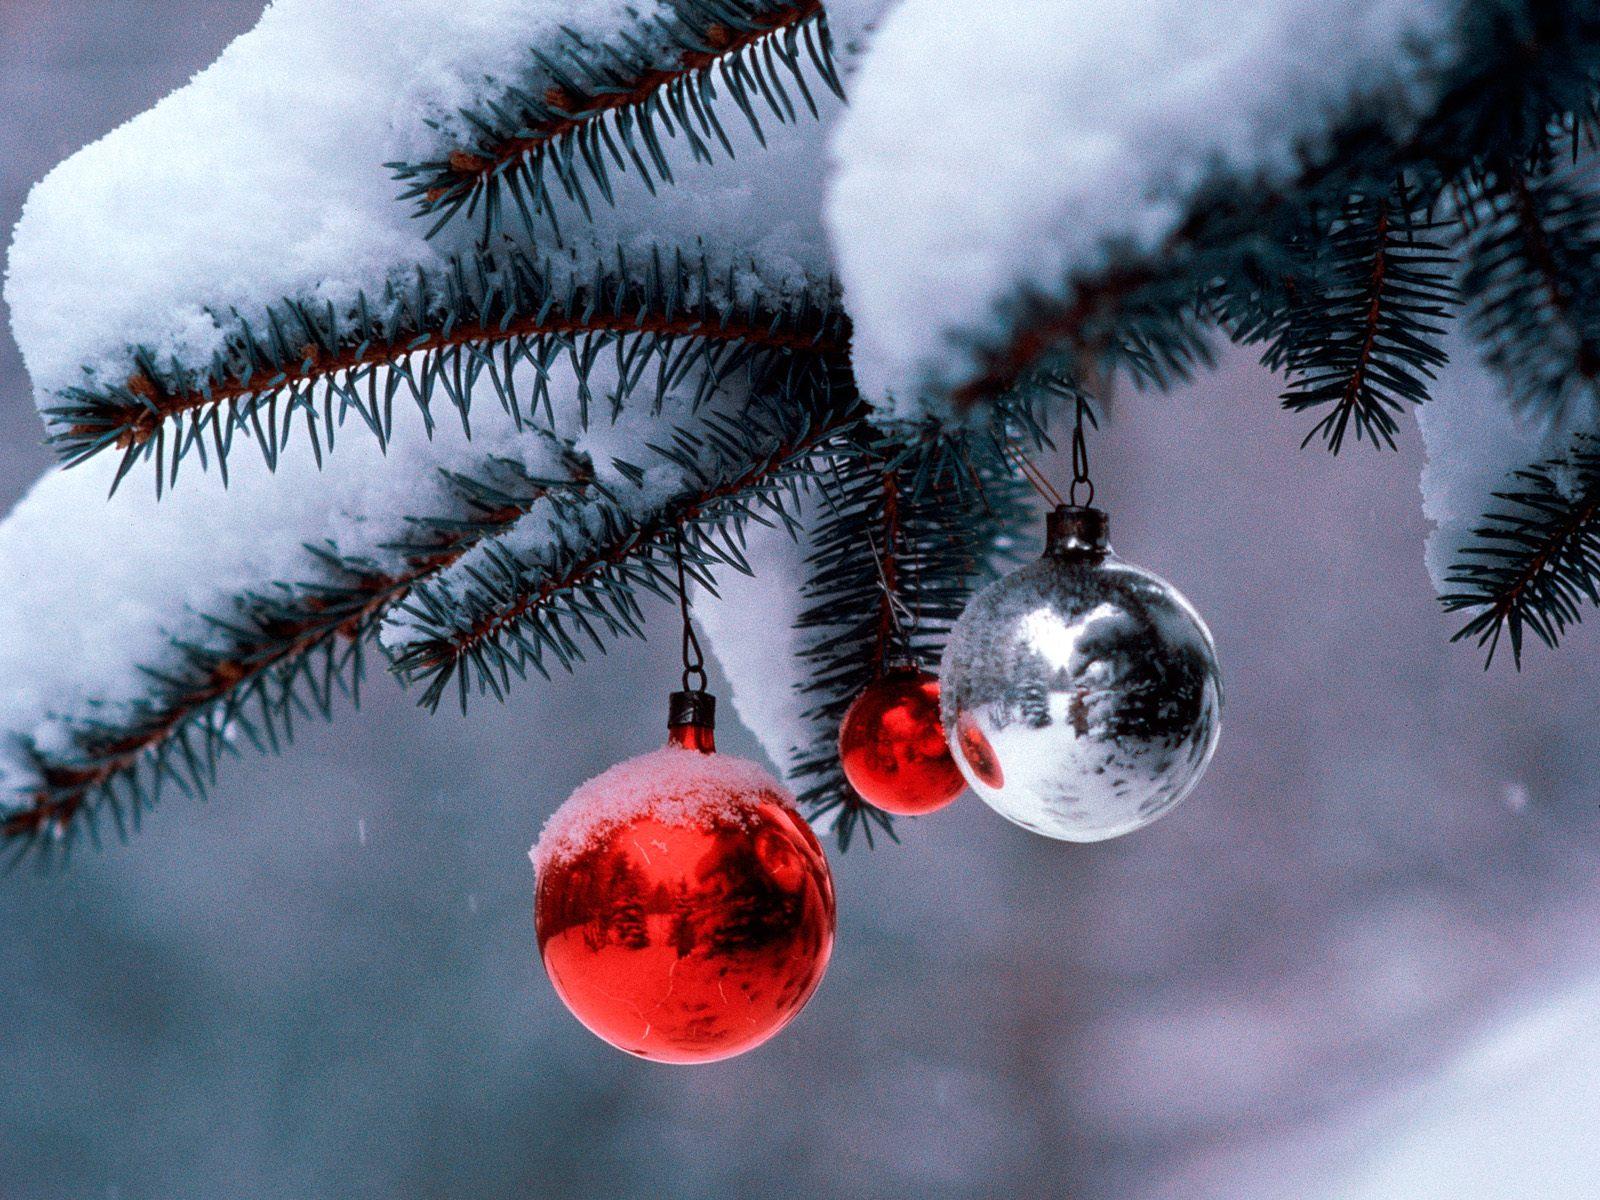 http://4.bp.blogspot.com/_g0tv7q-b5Cw/TRSbZKjwK0I/AAAAAAAAAQ8/ZXVxrwUN1mE/s1600/Christmas+%252820%2529.jpg